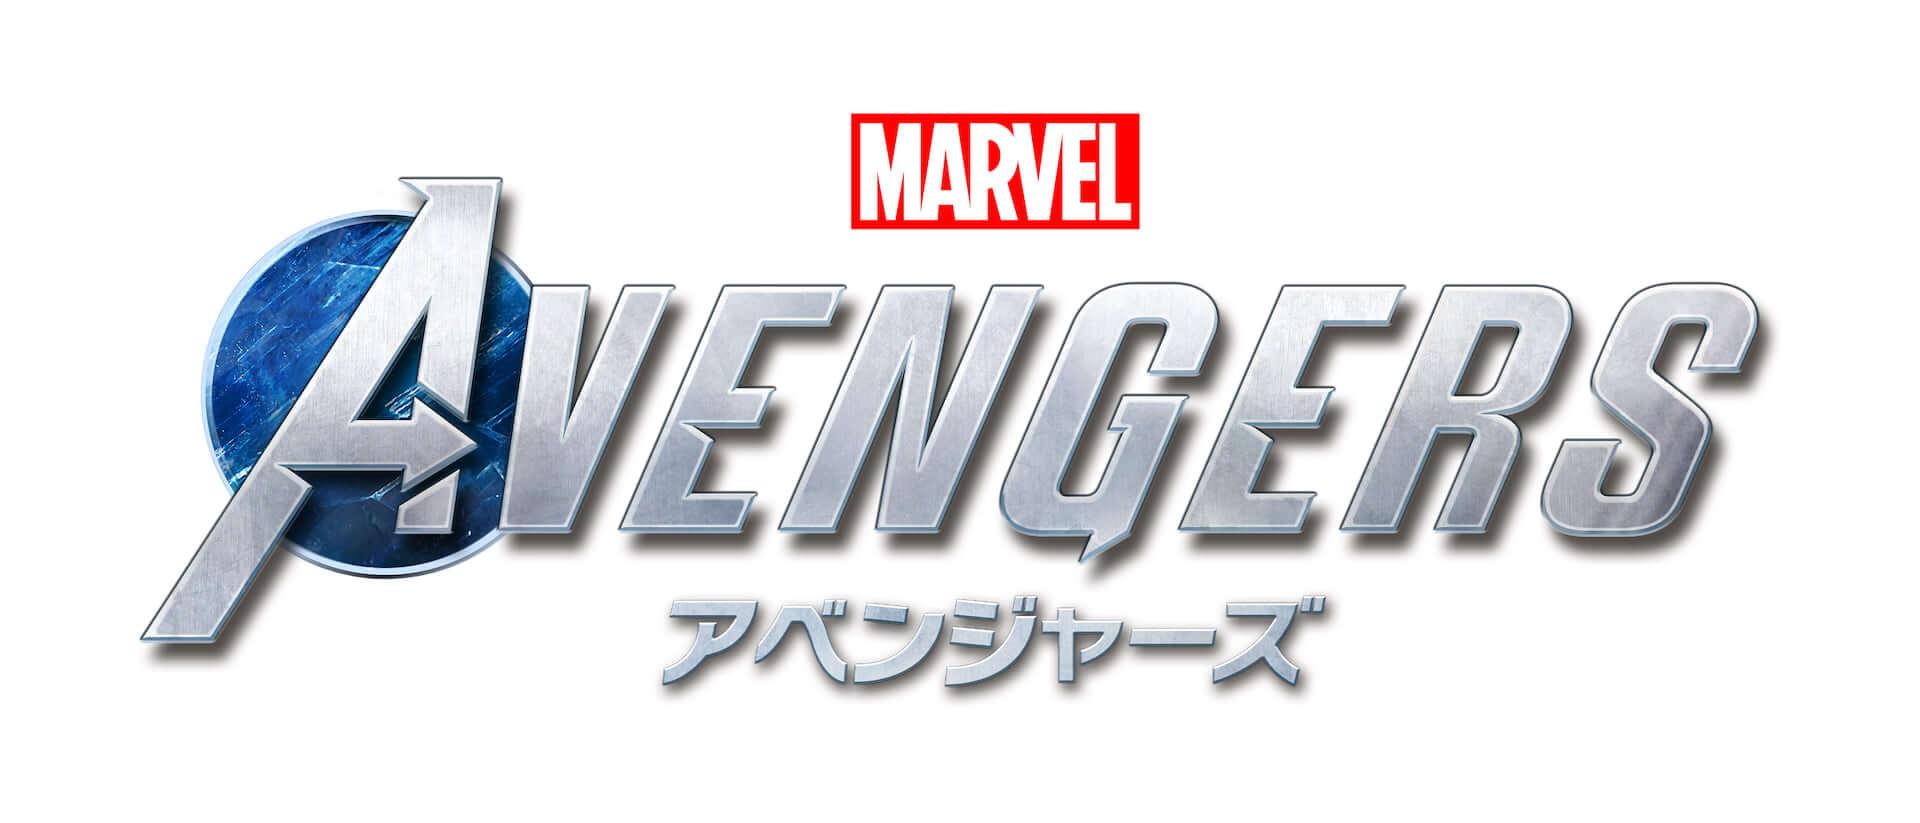 スクウェア・エニックス『Marvel's Avengers』のPlayStation 5/Xbox Series X版が発売決定!PS4/Xbox One版からの無料アップグレードも art200702_avengers_1-1920x823